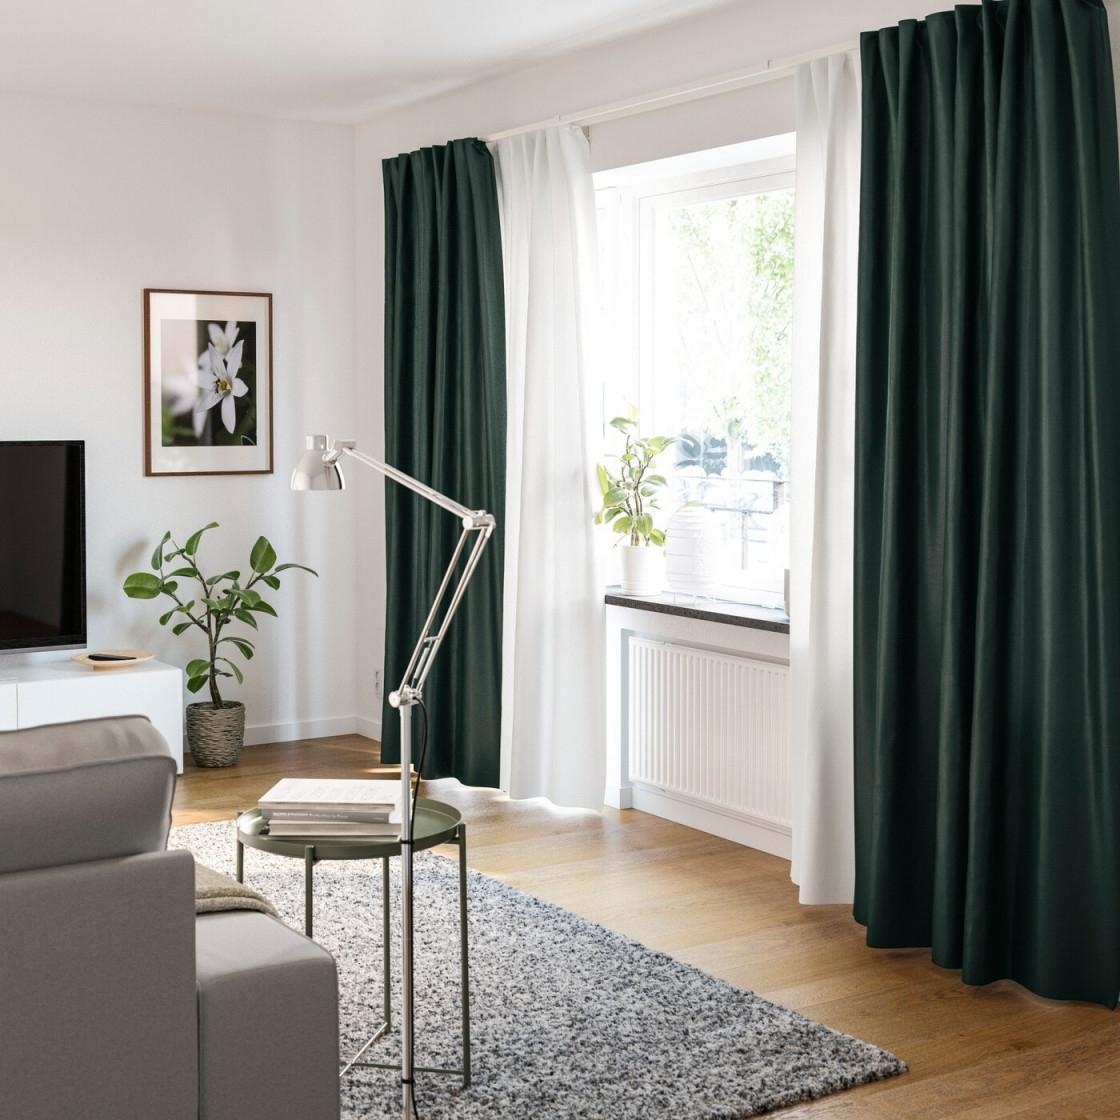 Gardinenideen Inspirationen Für Dein Zuhause  Ikea von Gardinen Im Wohnzimmer Photo